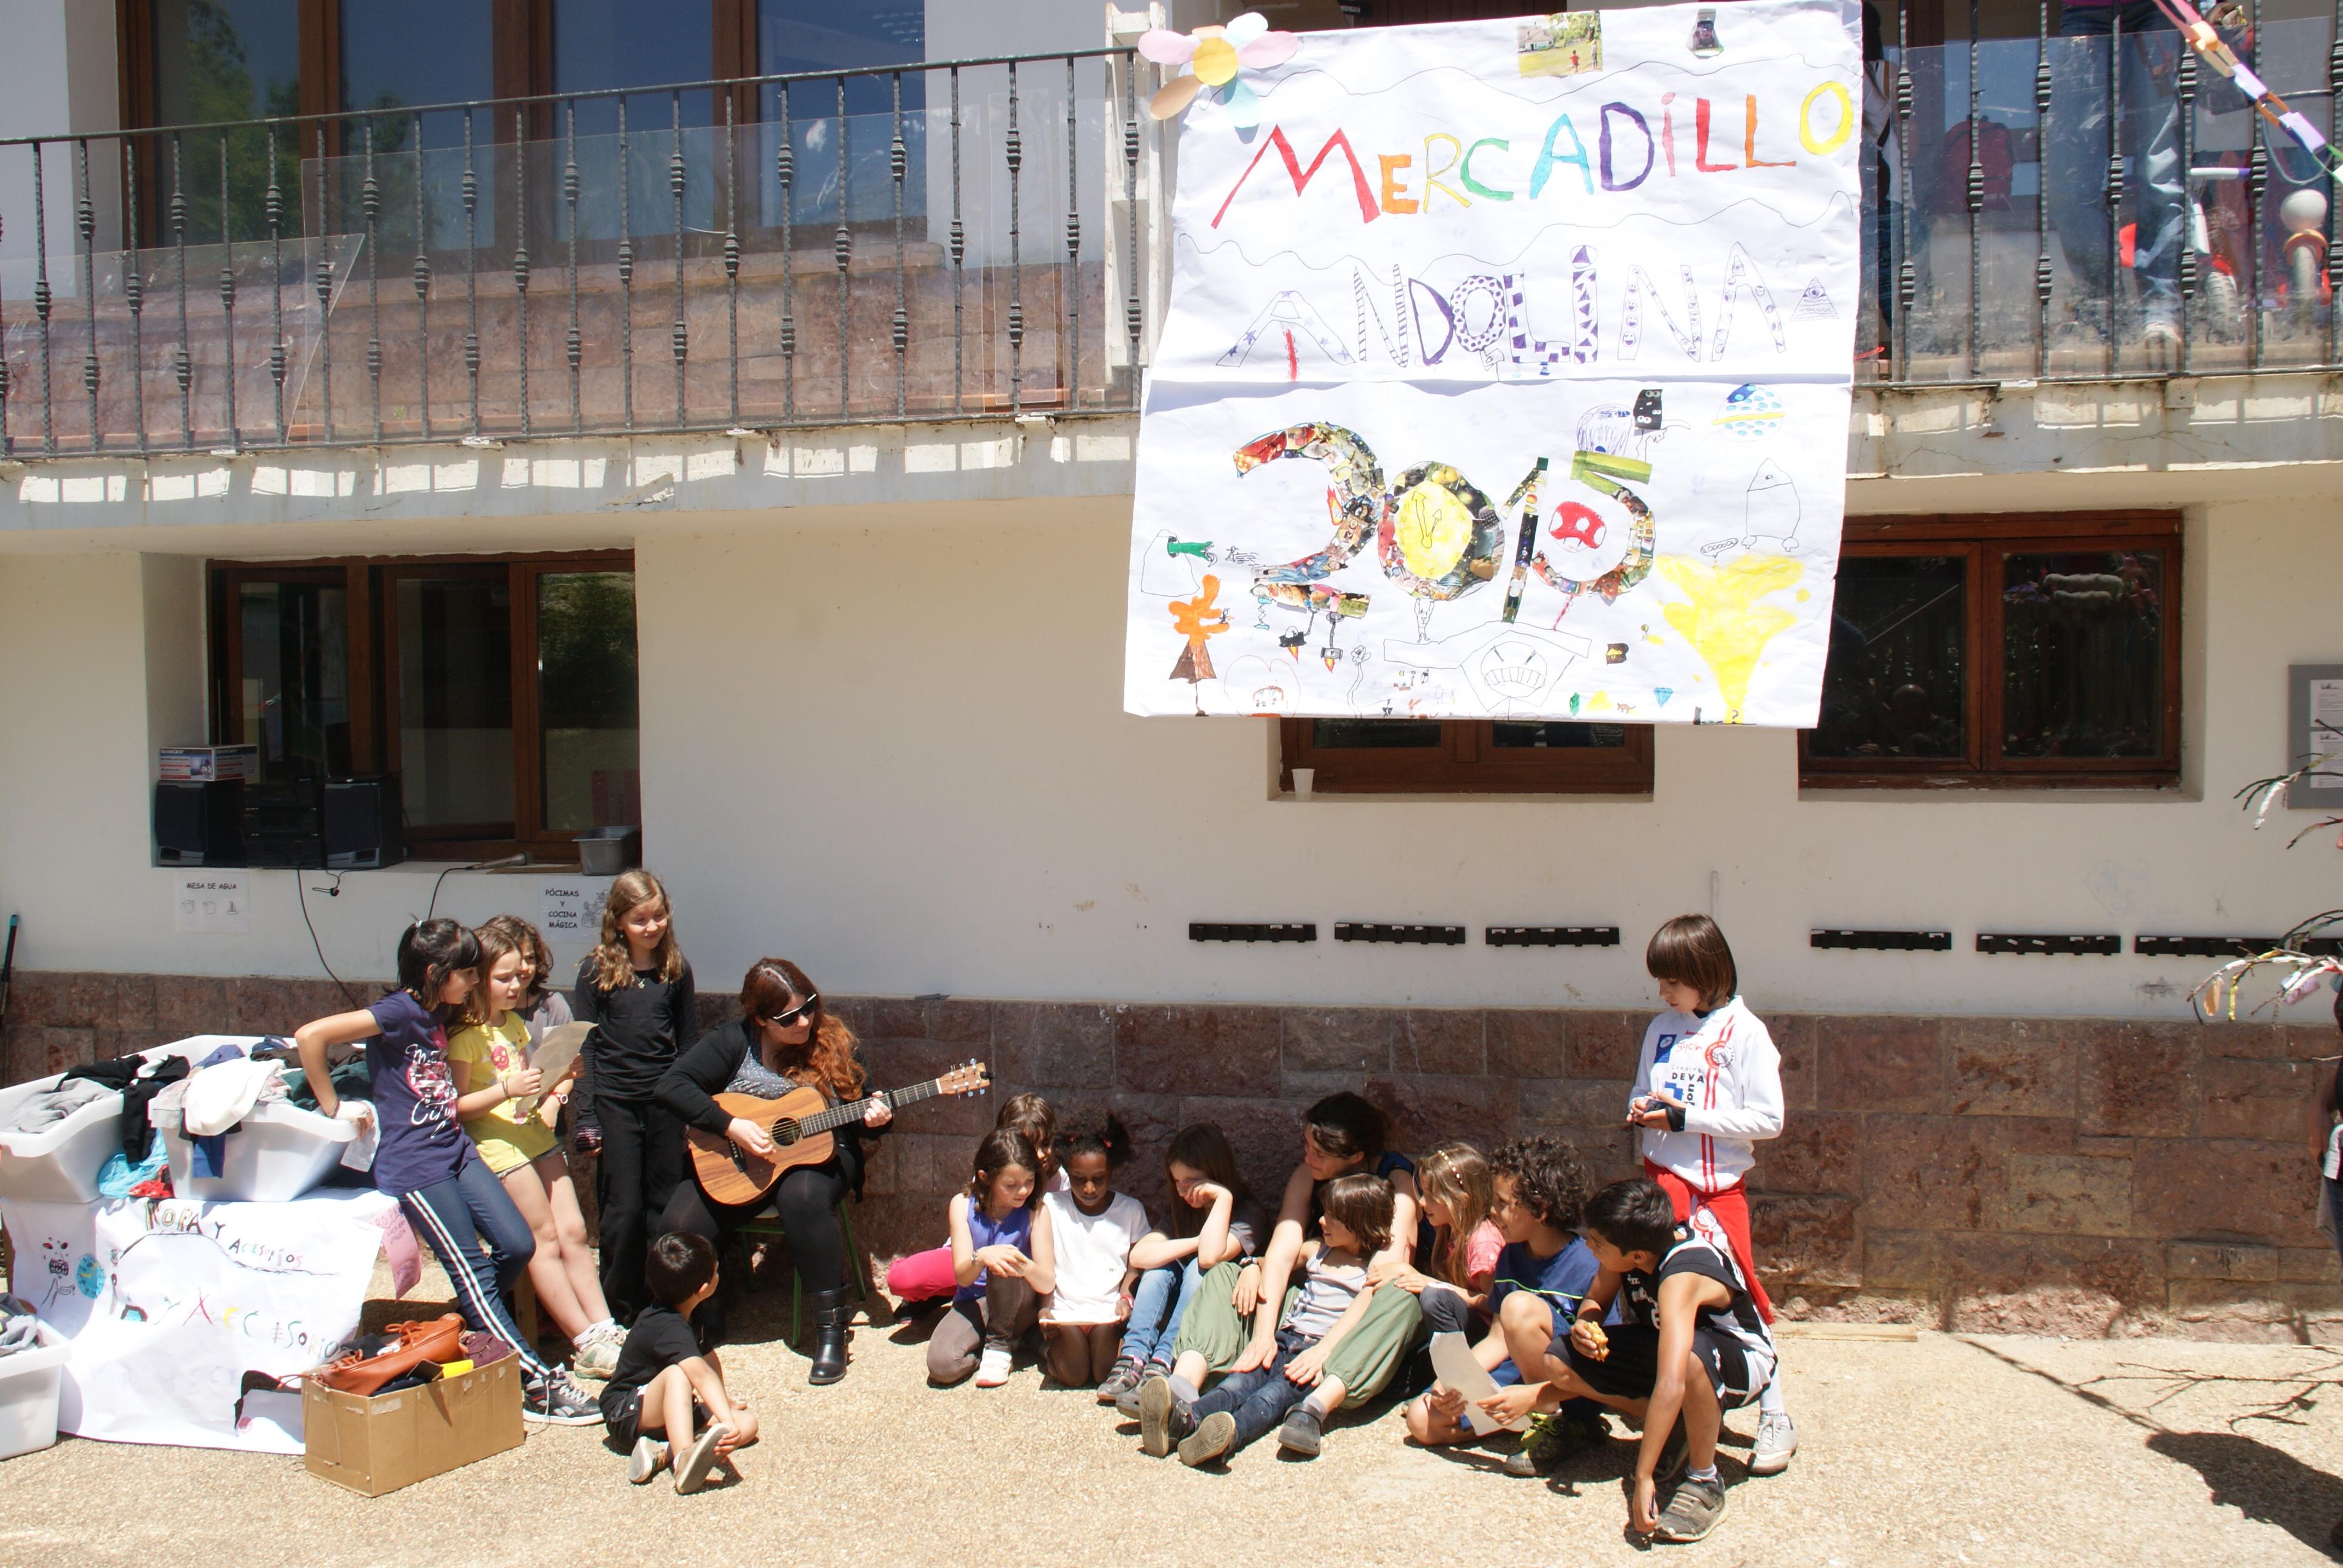 Mercadillo Andolina 2015